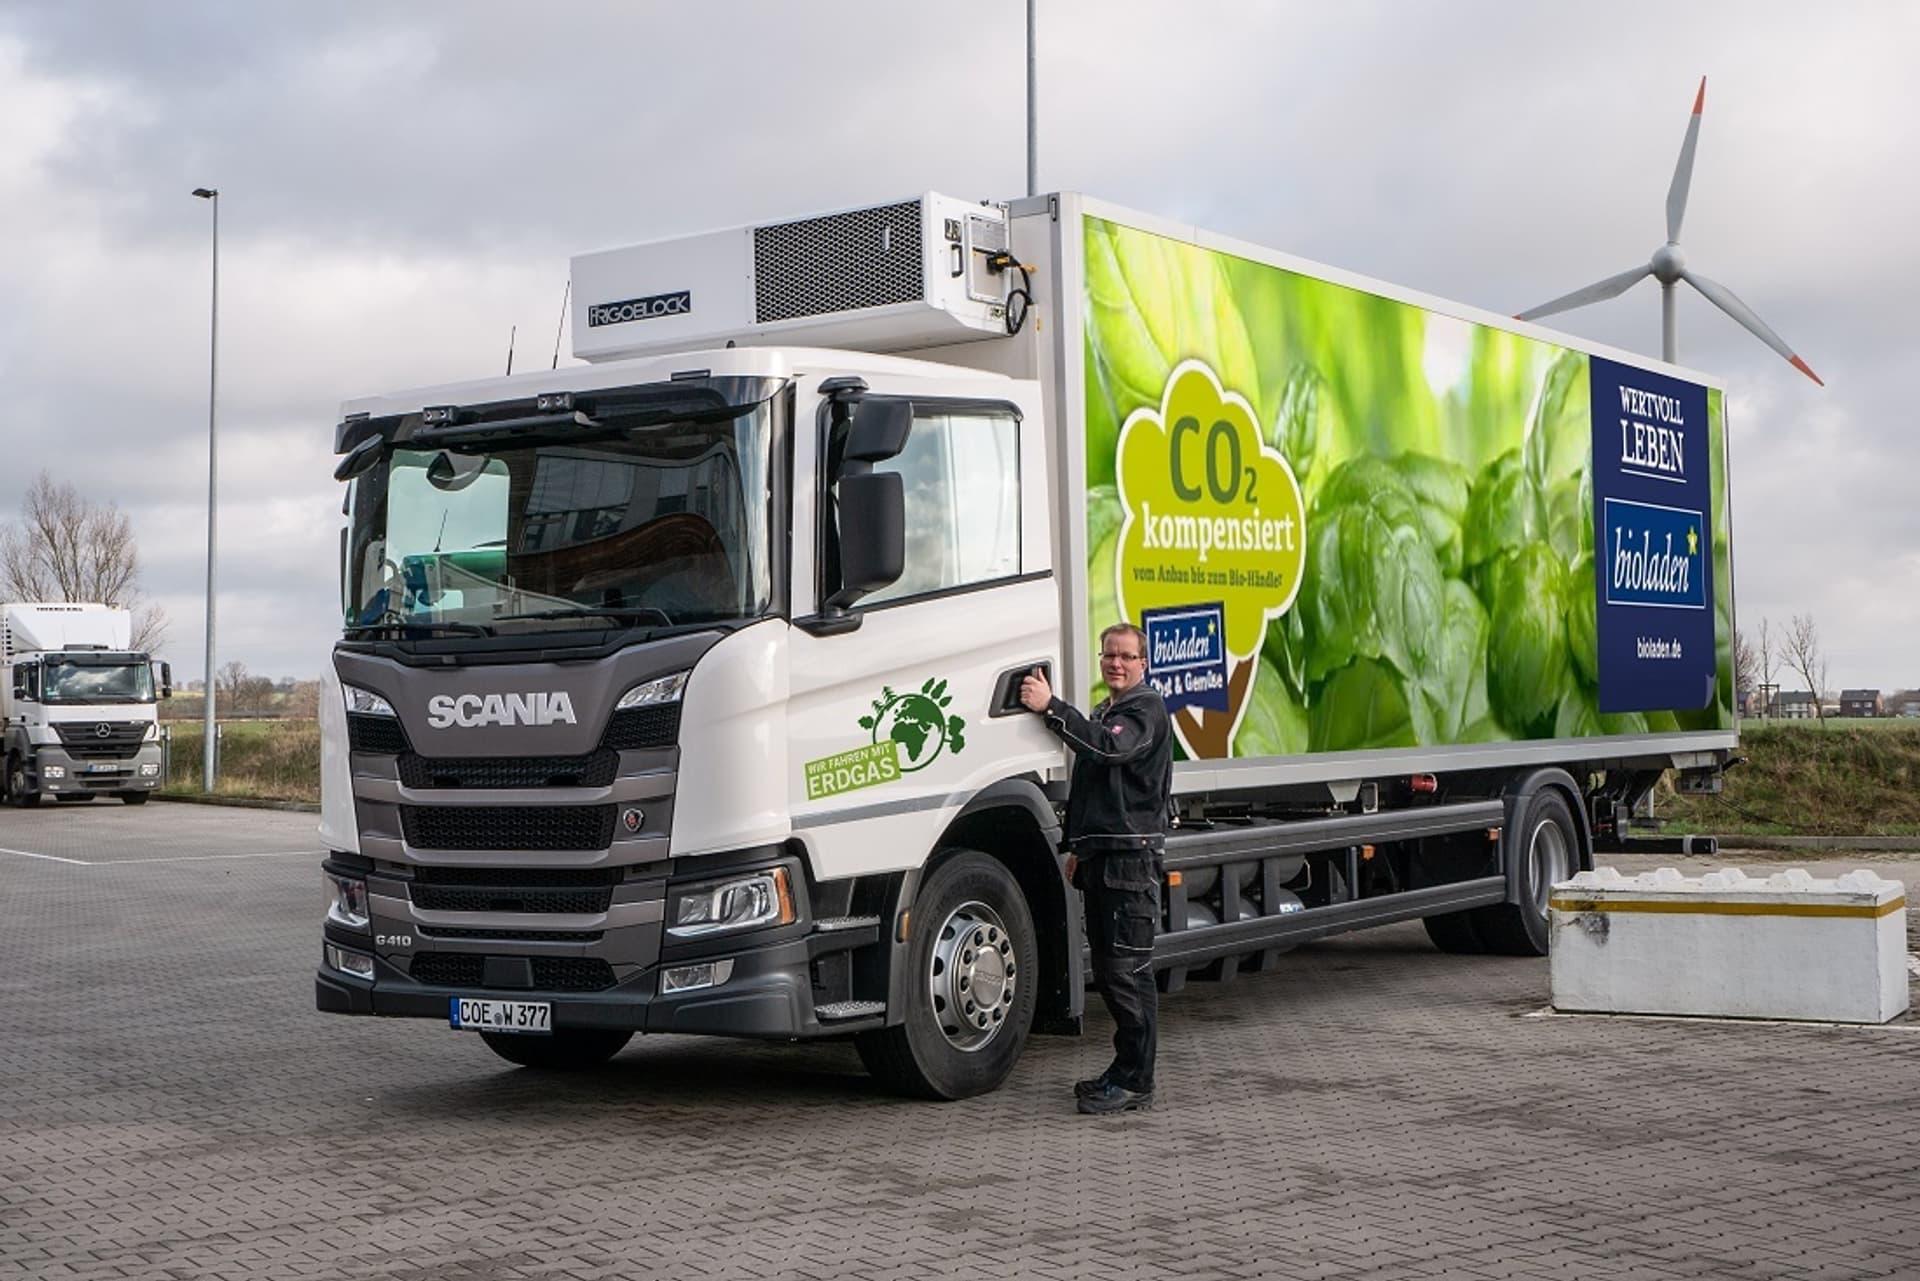 Stellt die ersten sieben Lkw seiner Flotte auf Erdgas-Antrieb um: Großhändler Weiling